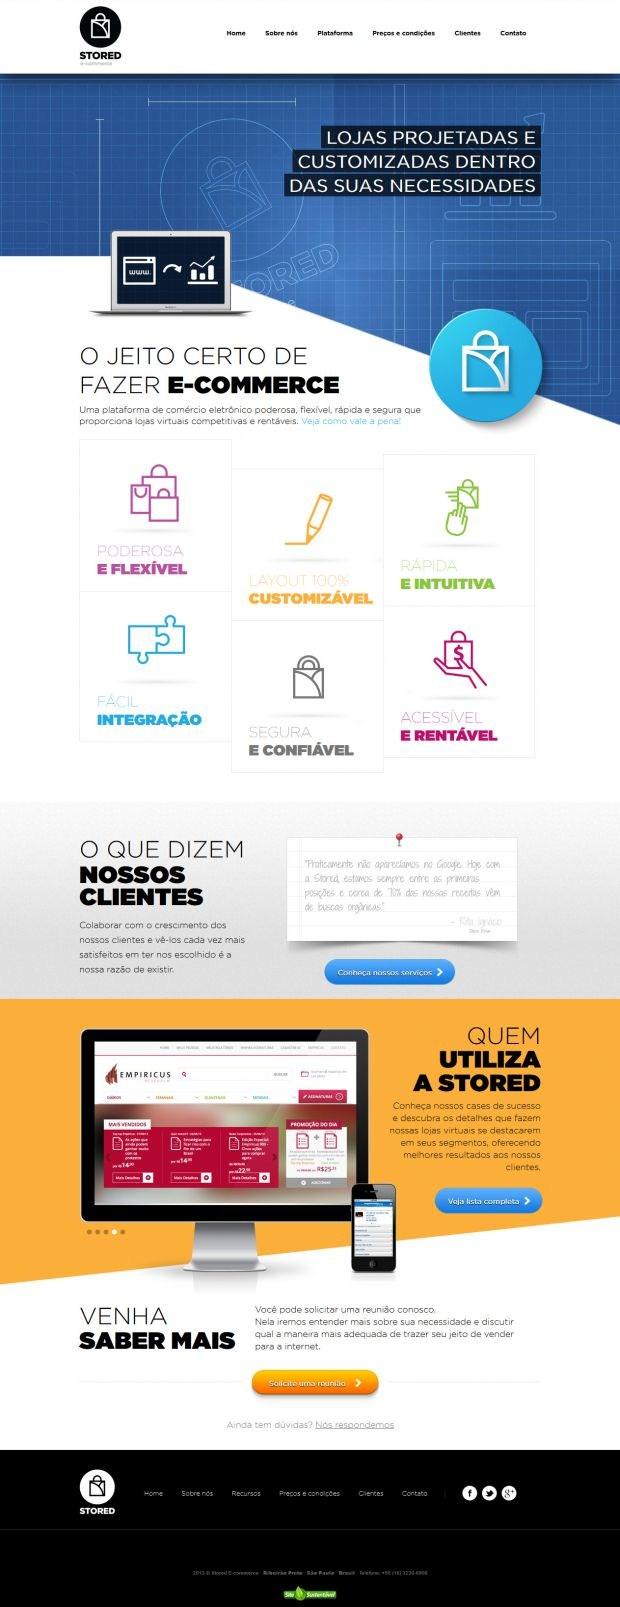 Stored E-commerce